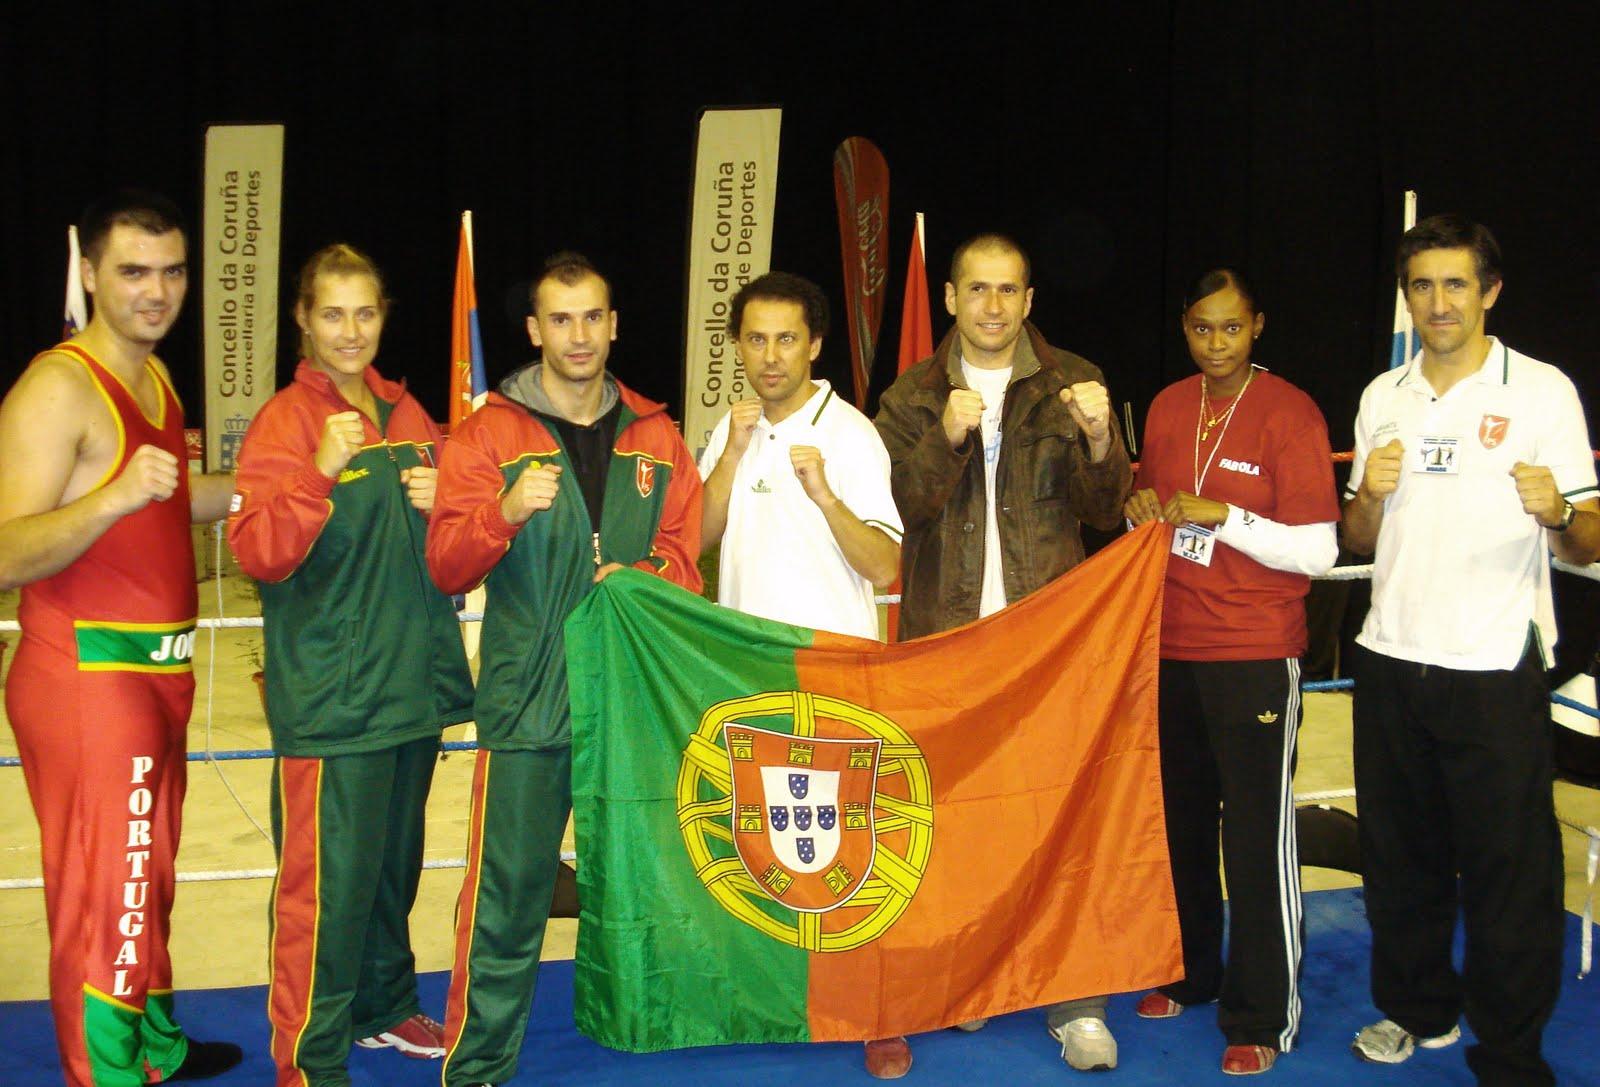 Bruno Sousa, Secret Story 5, já representou a selecção de Portugal